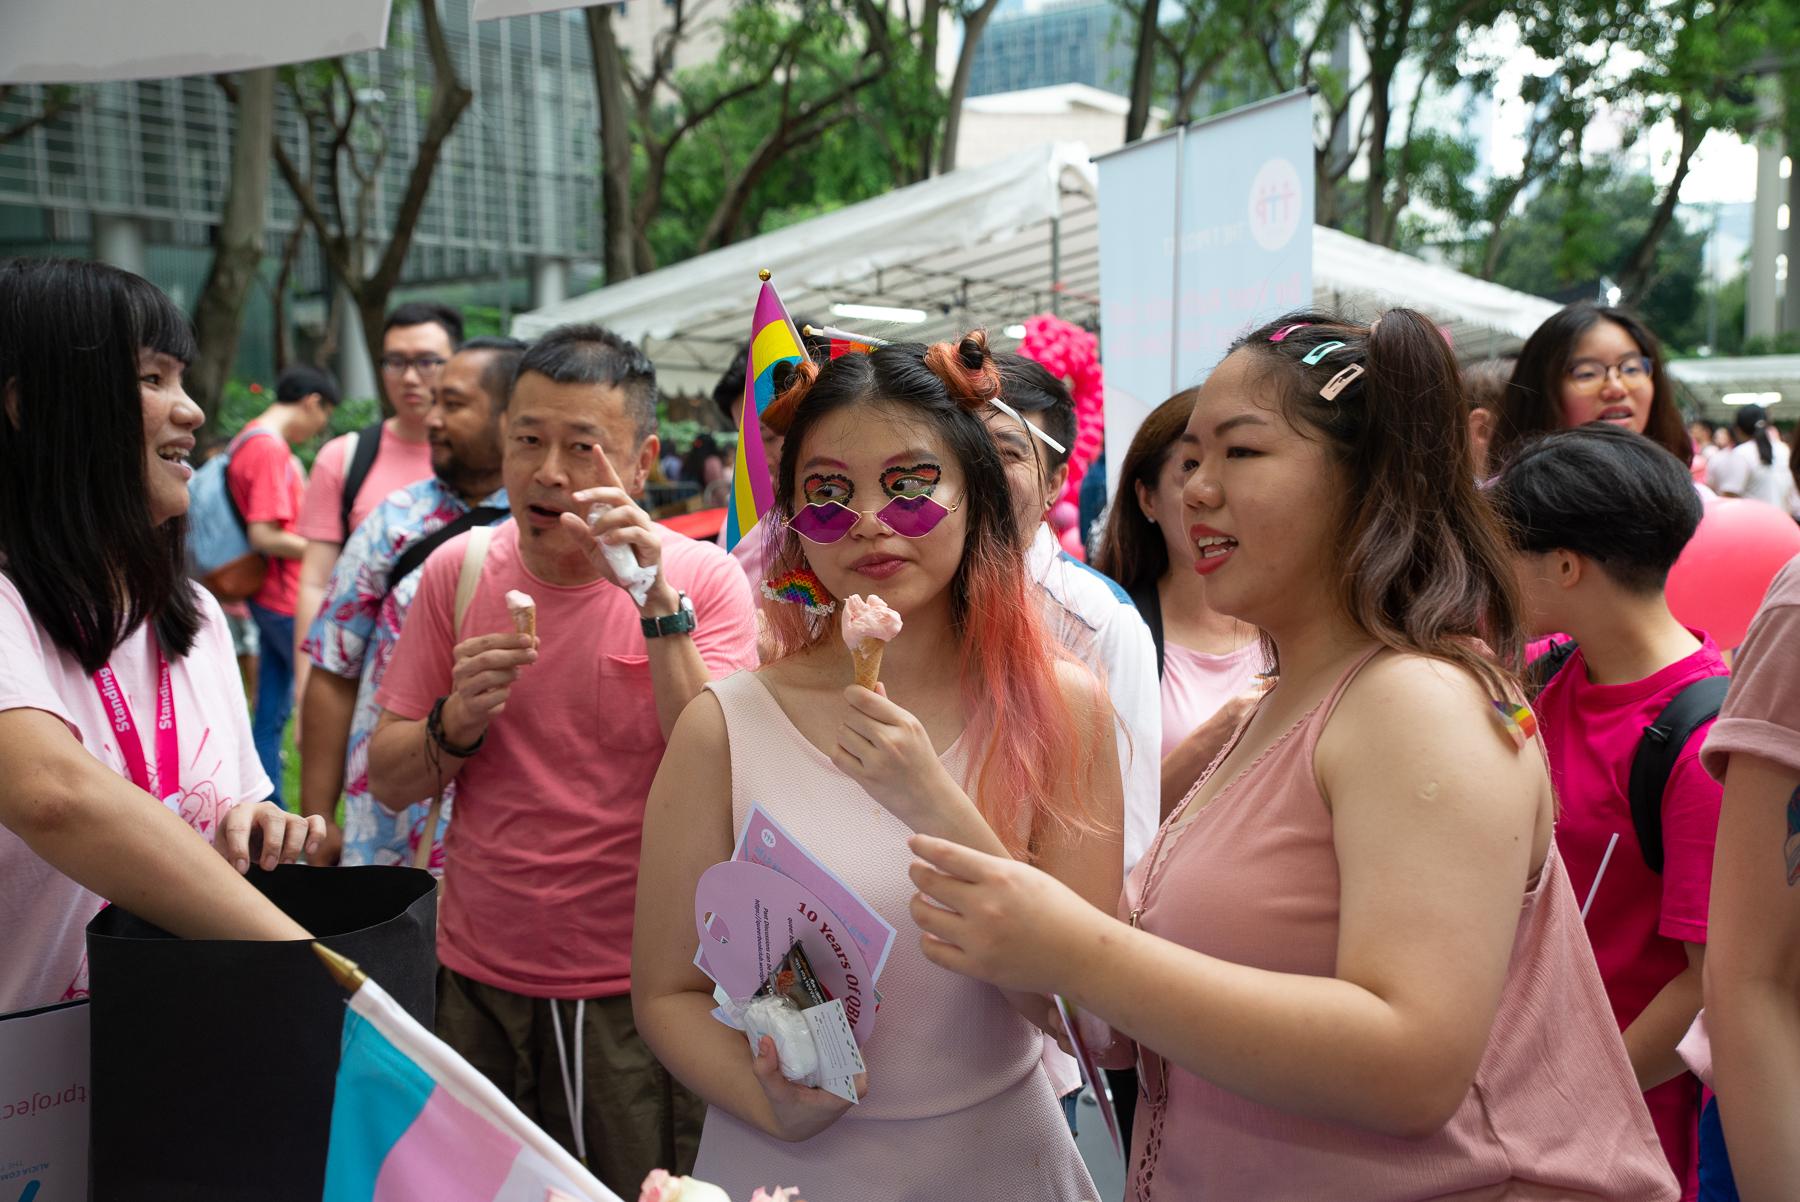 PinkDot-2019-9246.jpg